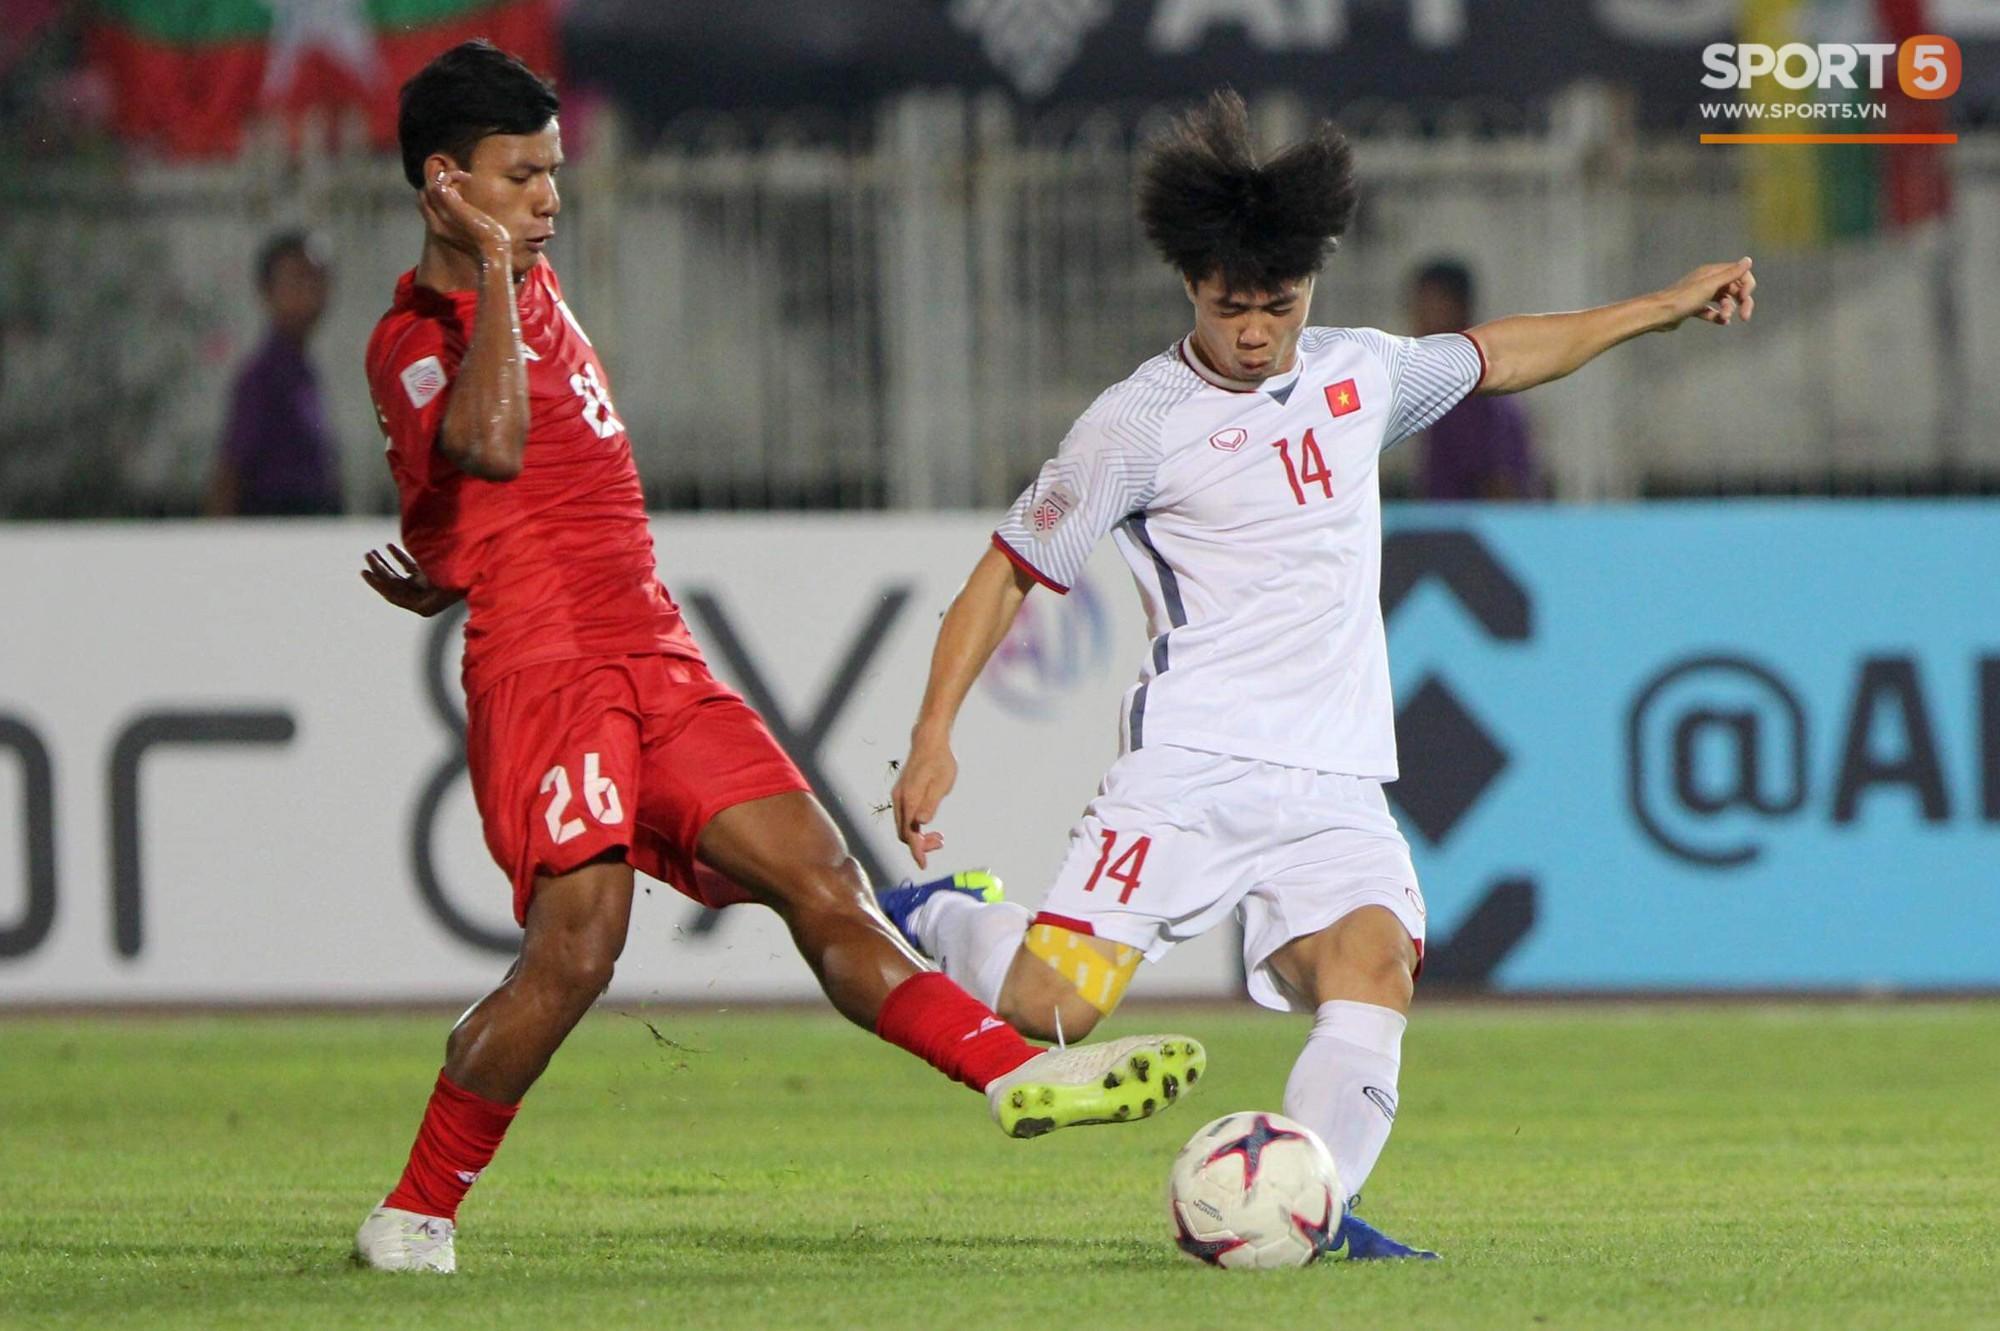 Vì sao cầu thủ tuyển Việt Nam sút trượt liên tiếp trong trận gặp Myanmar?-1